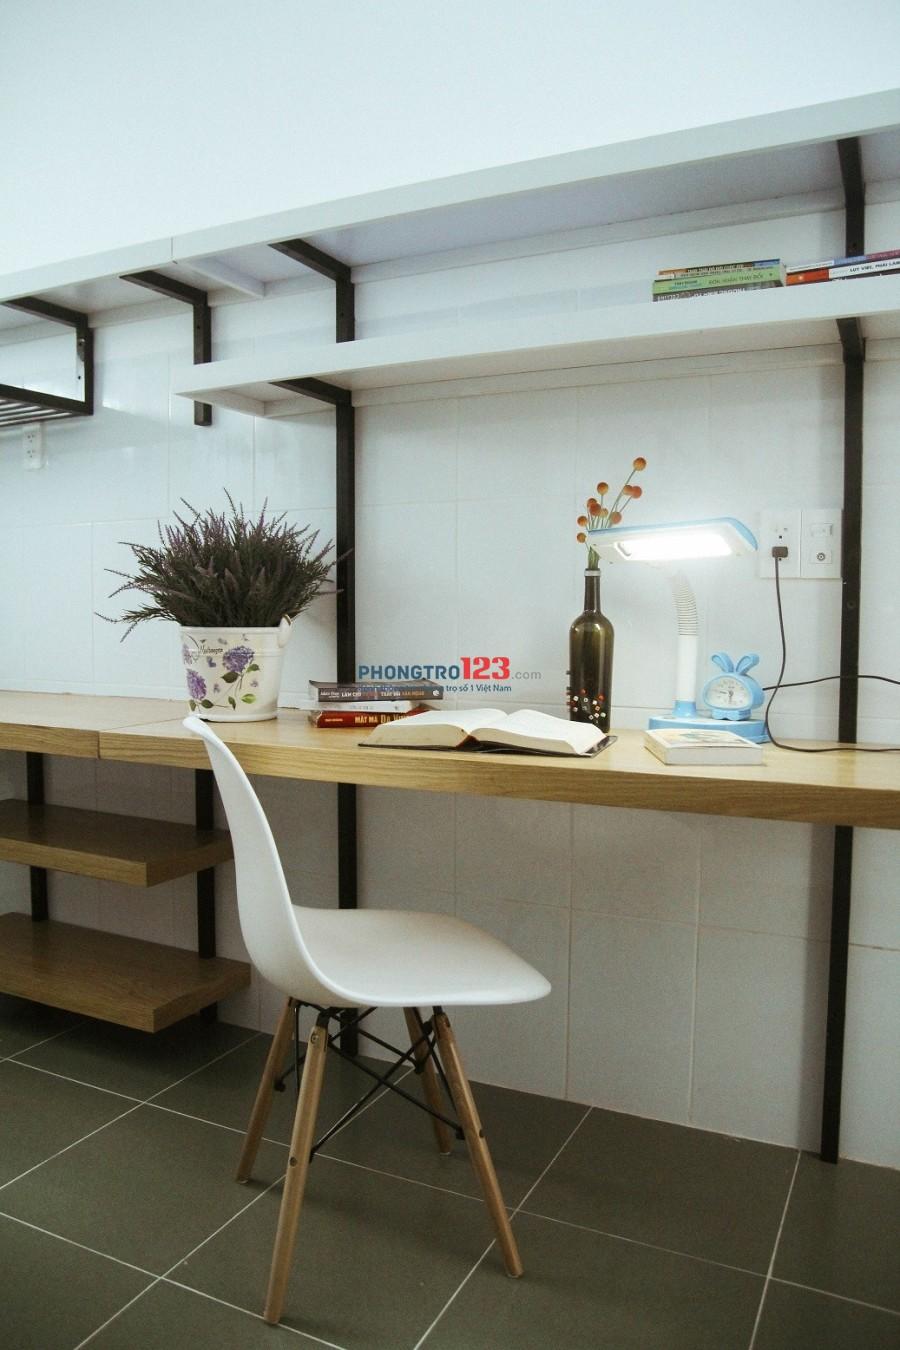 Phòng rộng Nơ Trang Long, Nguyễn H Cảnh BÌNH THẠNH